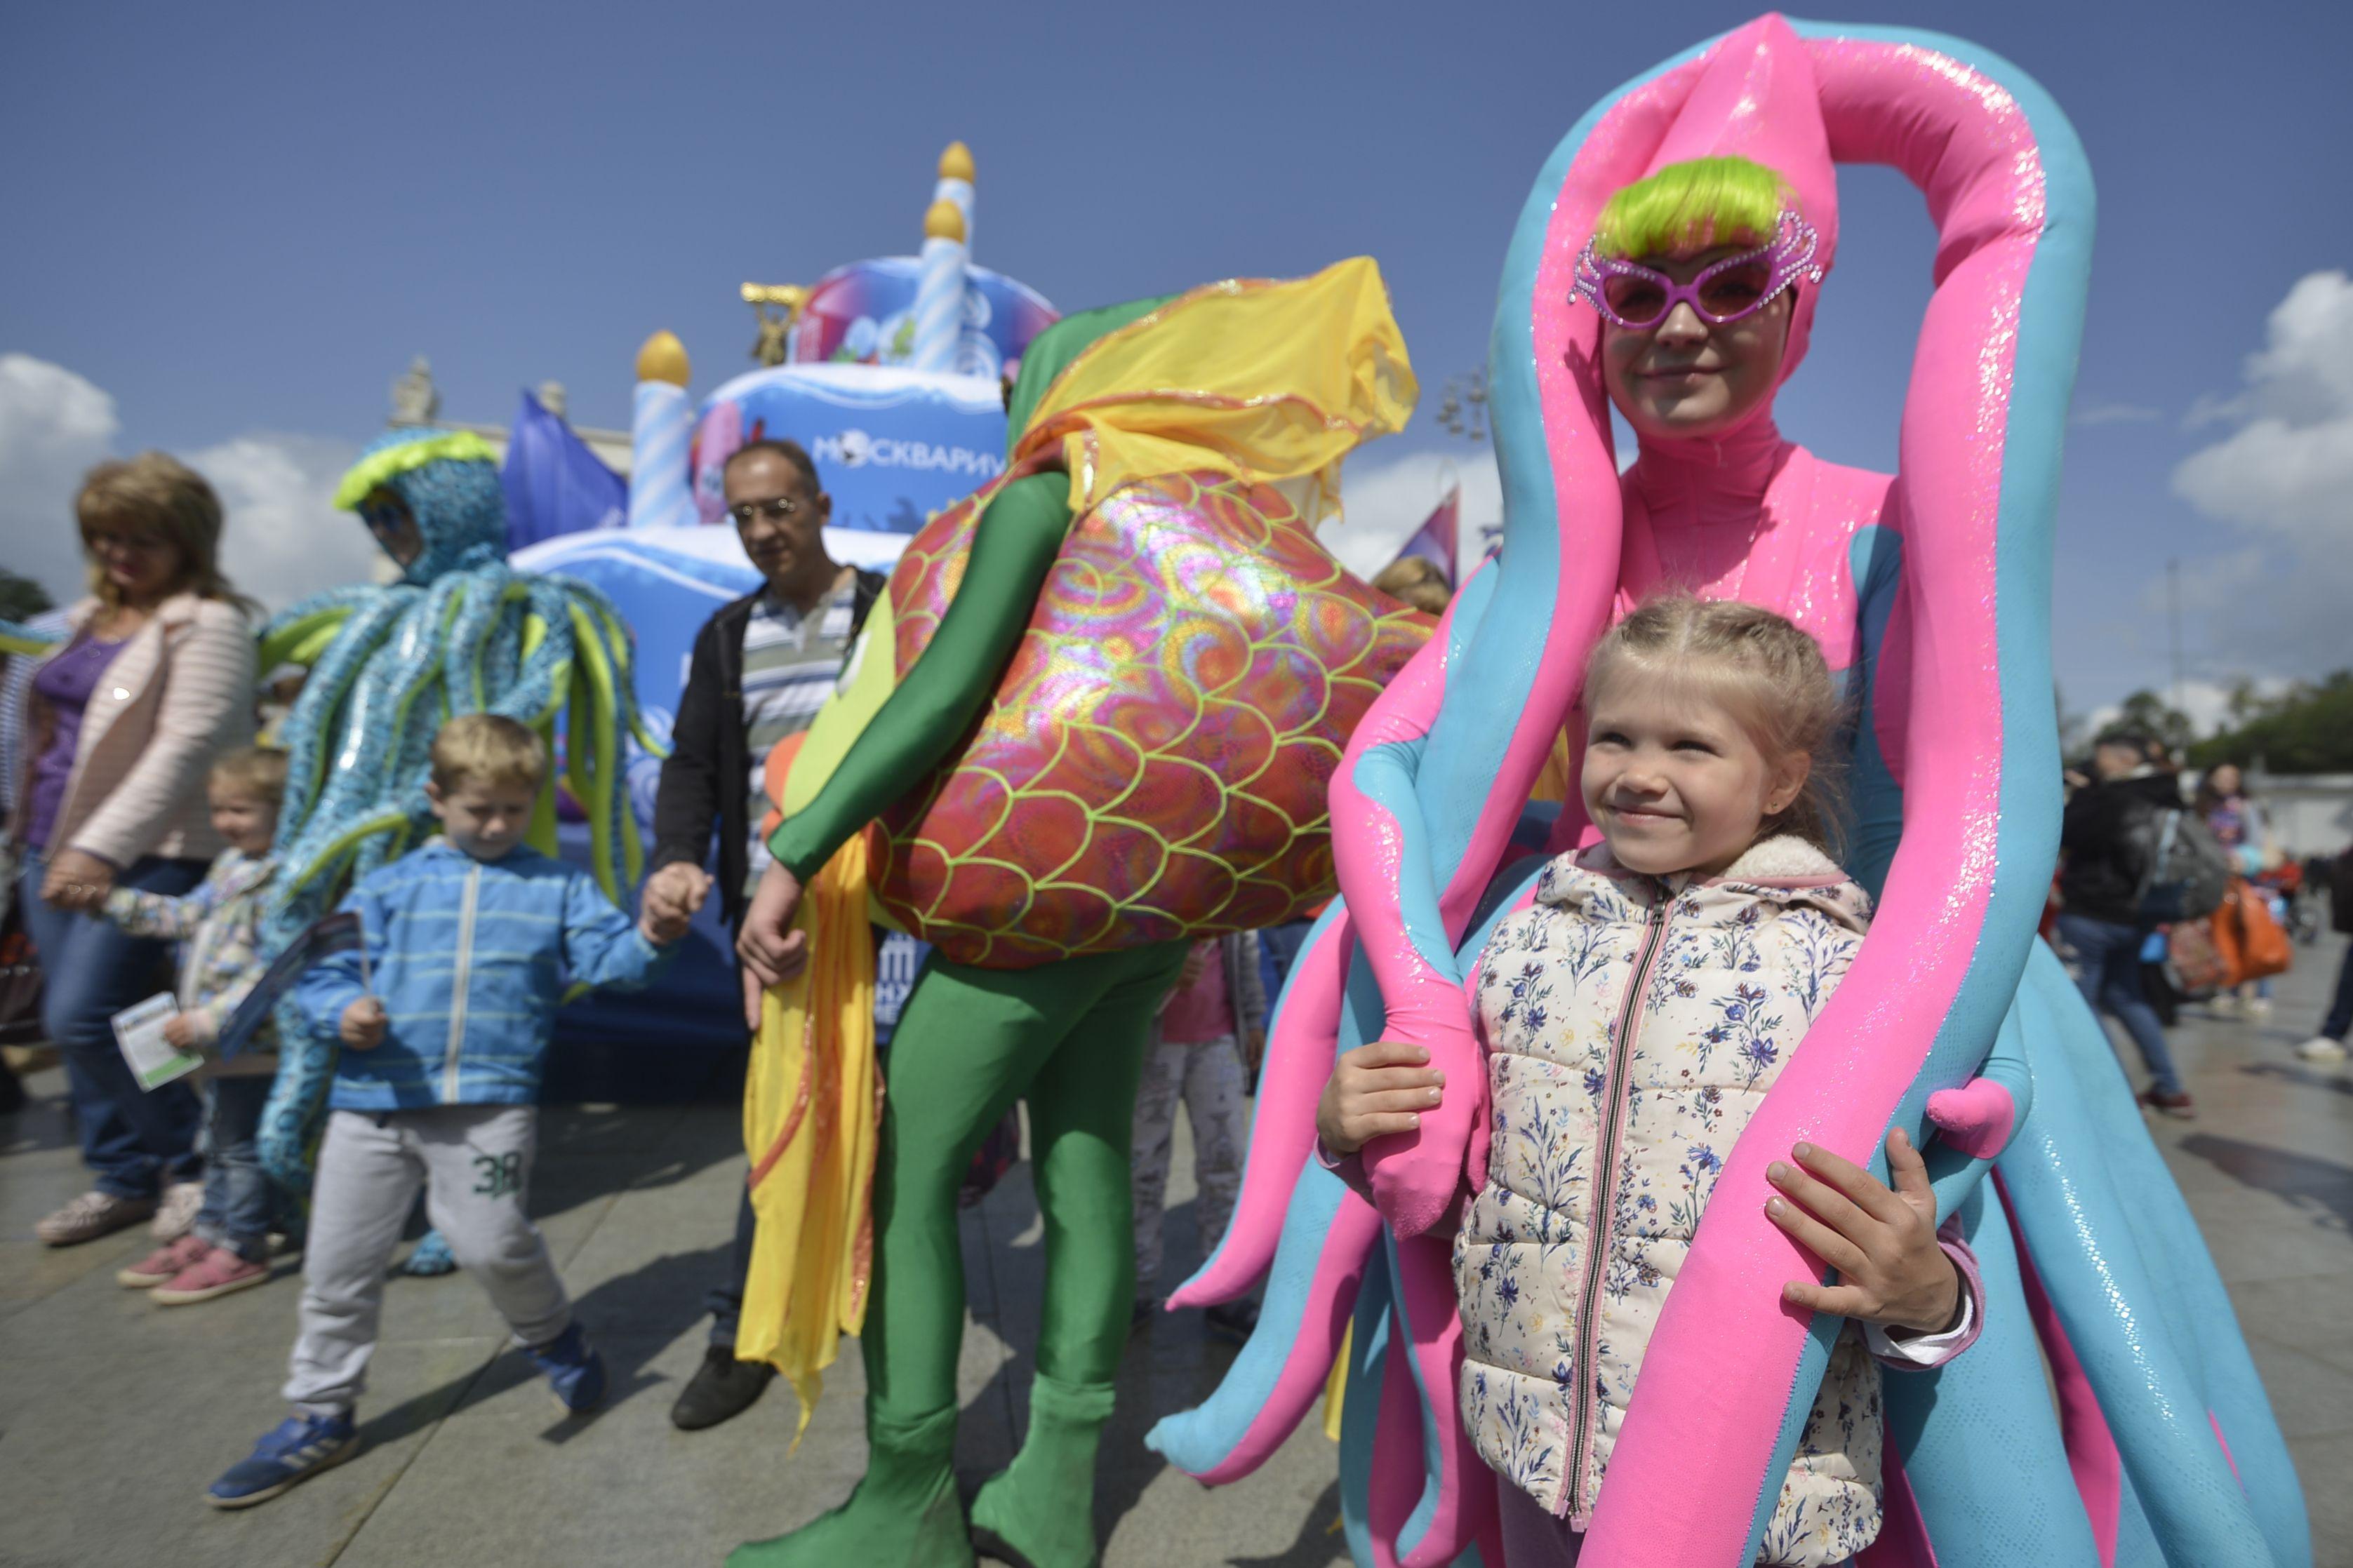 Американский певец Деруло впервые бесплатно выступит на проспекте Сахарова